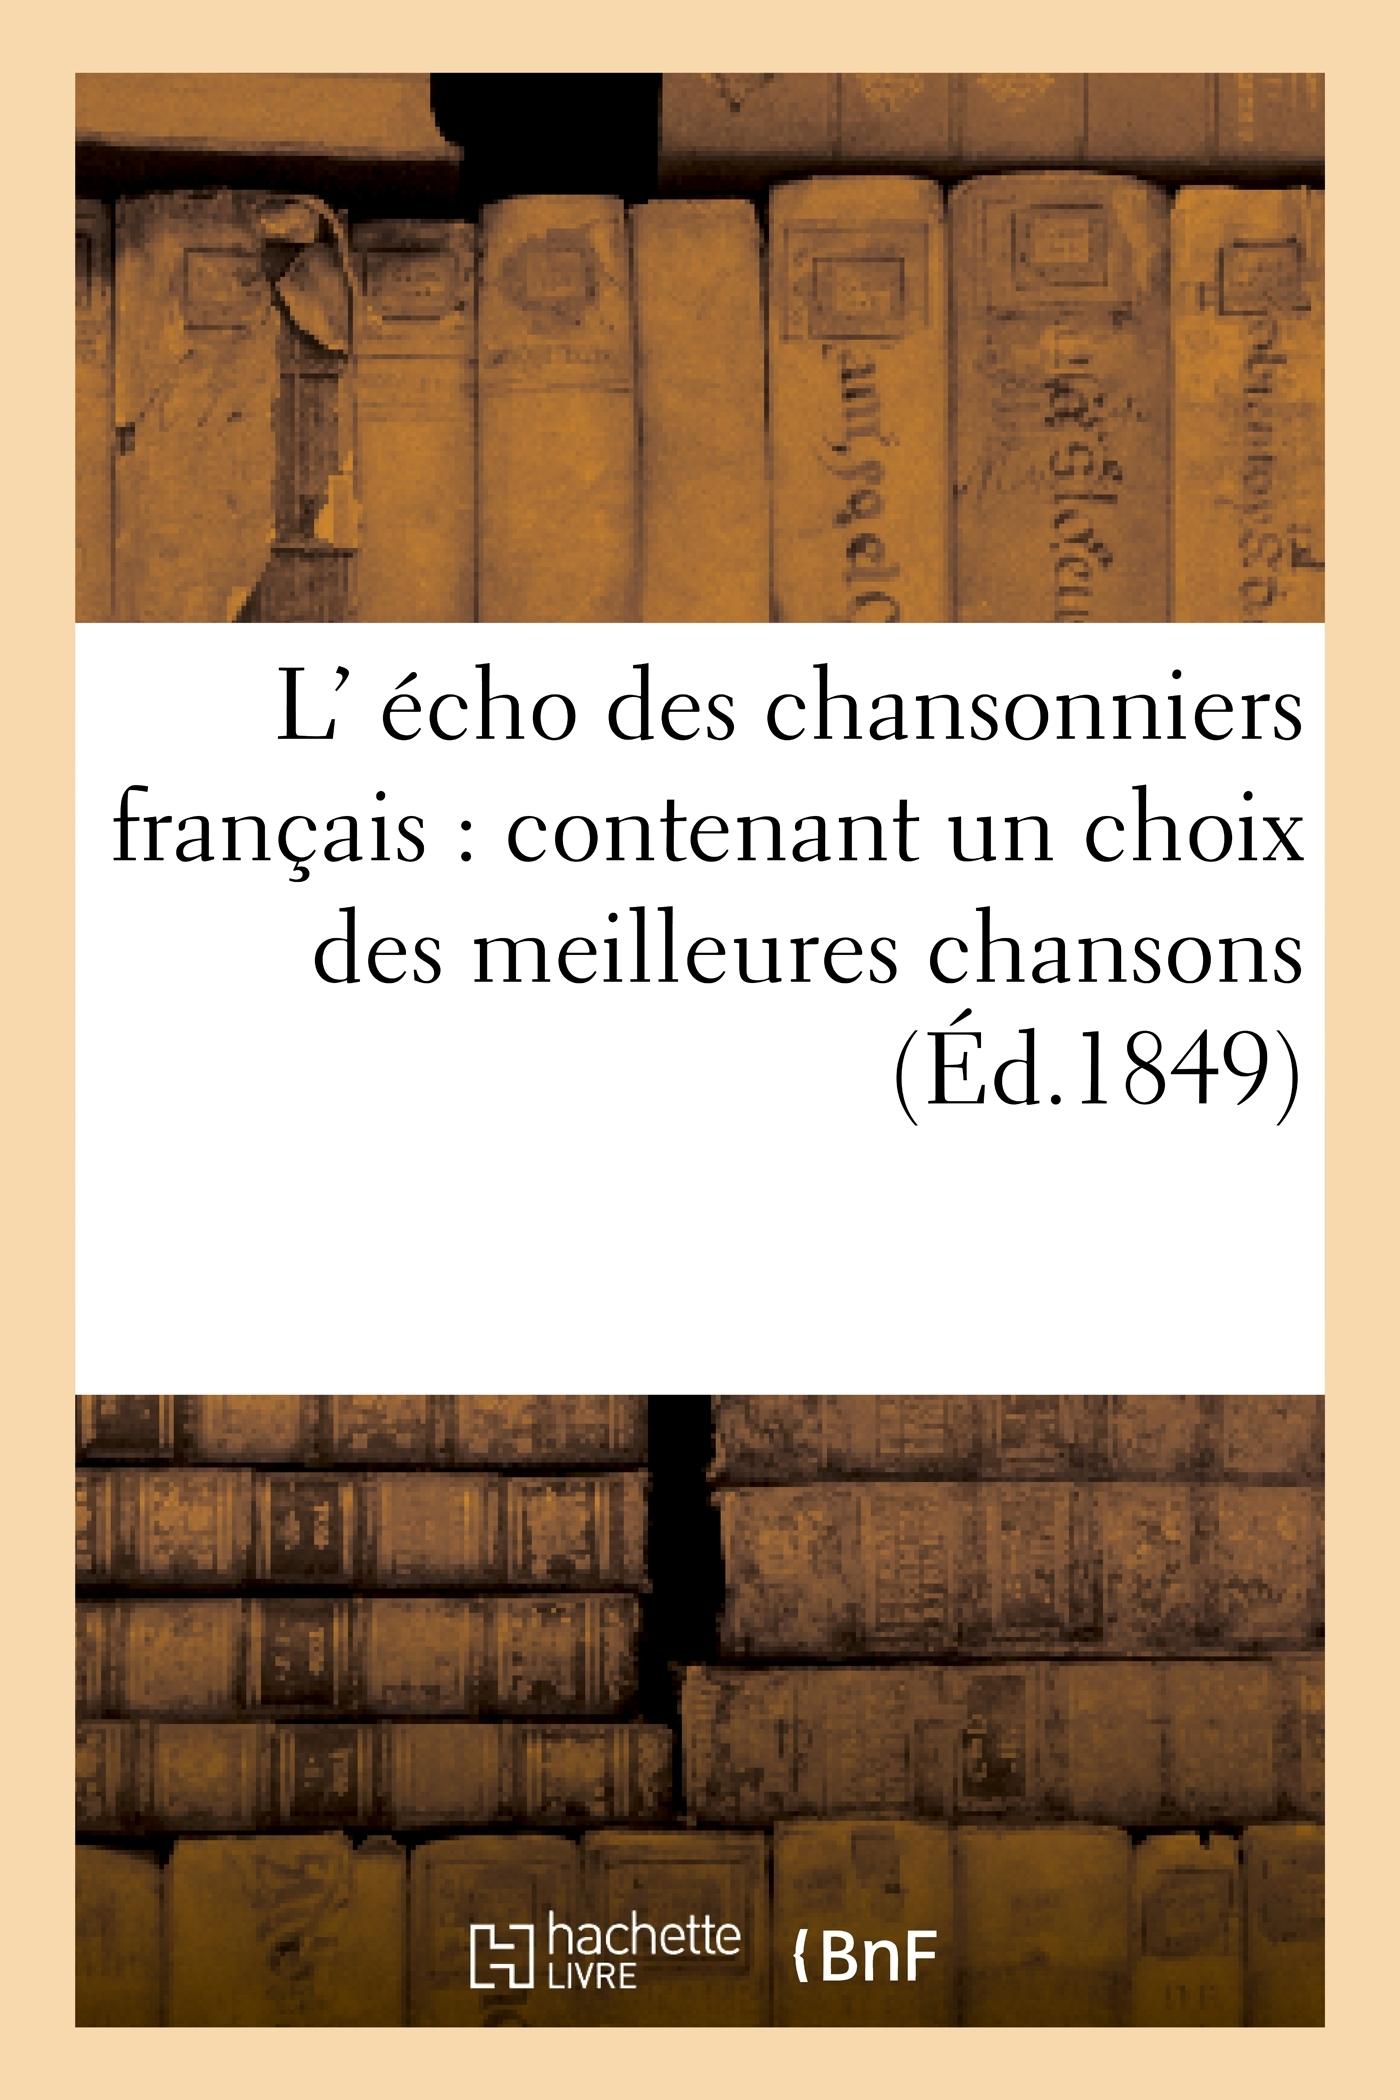 L' ECHO DES CHANSONNIERS FRANCAIS : CONTENANT UN CHOIX DES MEILLEURES CHANSONS PHILOSOPHIQUES - , BA